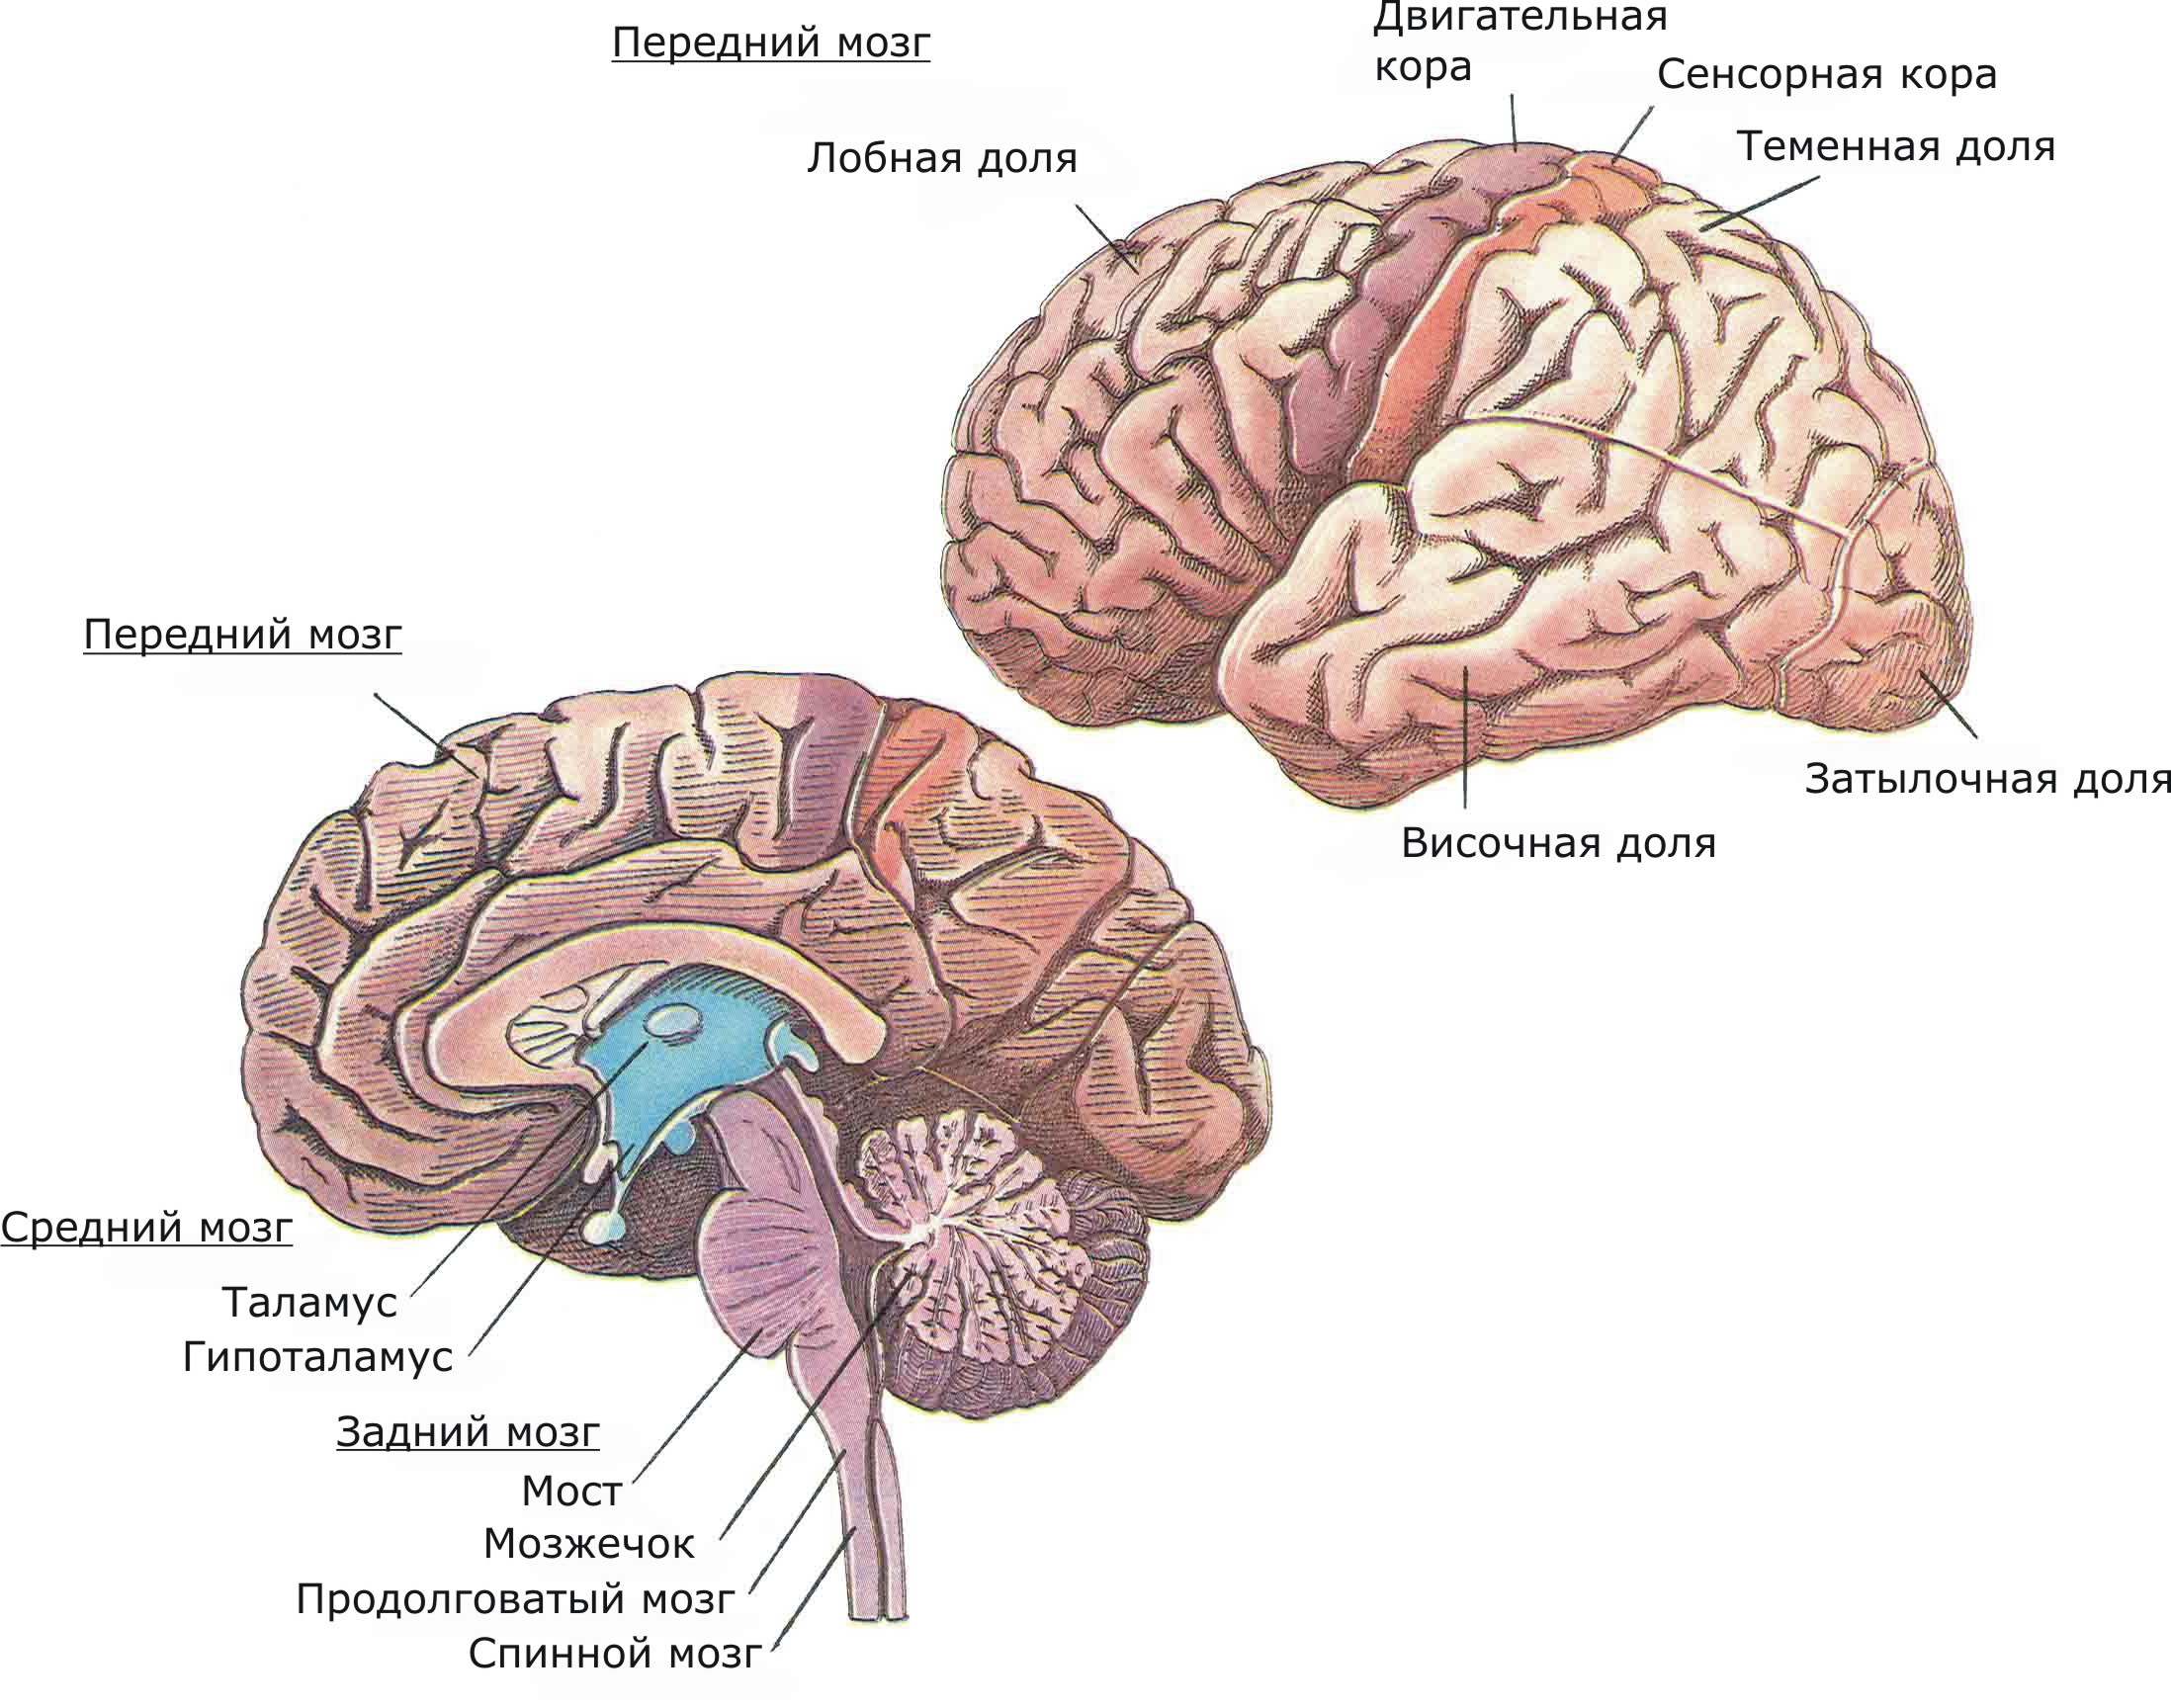 Вверху - доли коры, в том числе области, связанные с телесными ощущениями и контролем произвольной мускулатуры. Внизу - вид срединной поверхности правого полушария